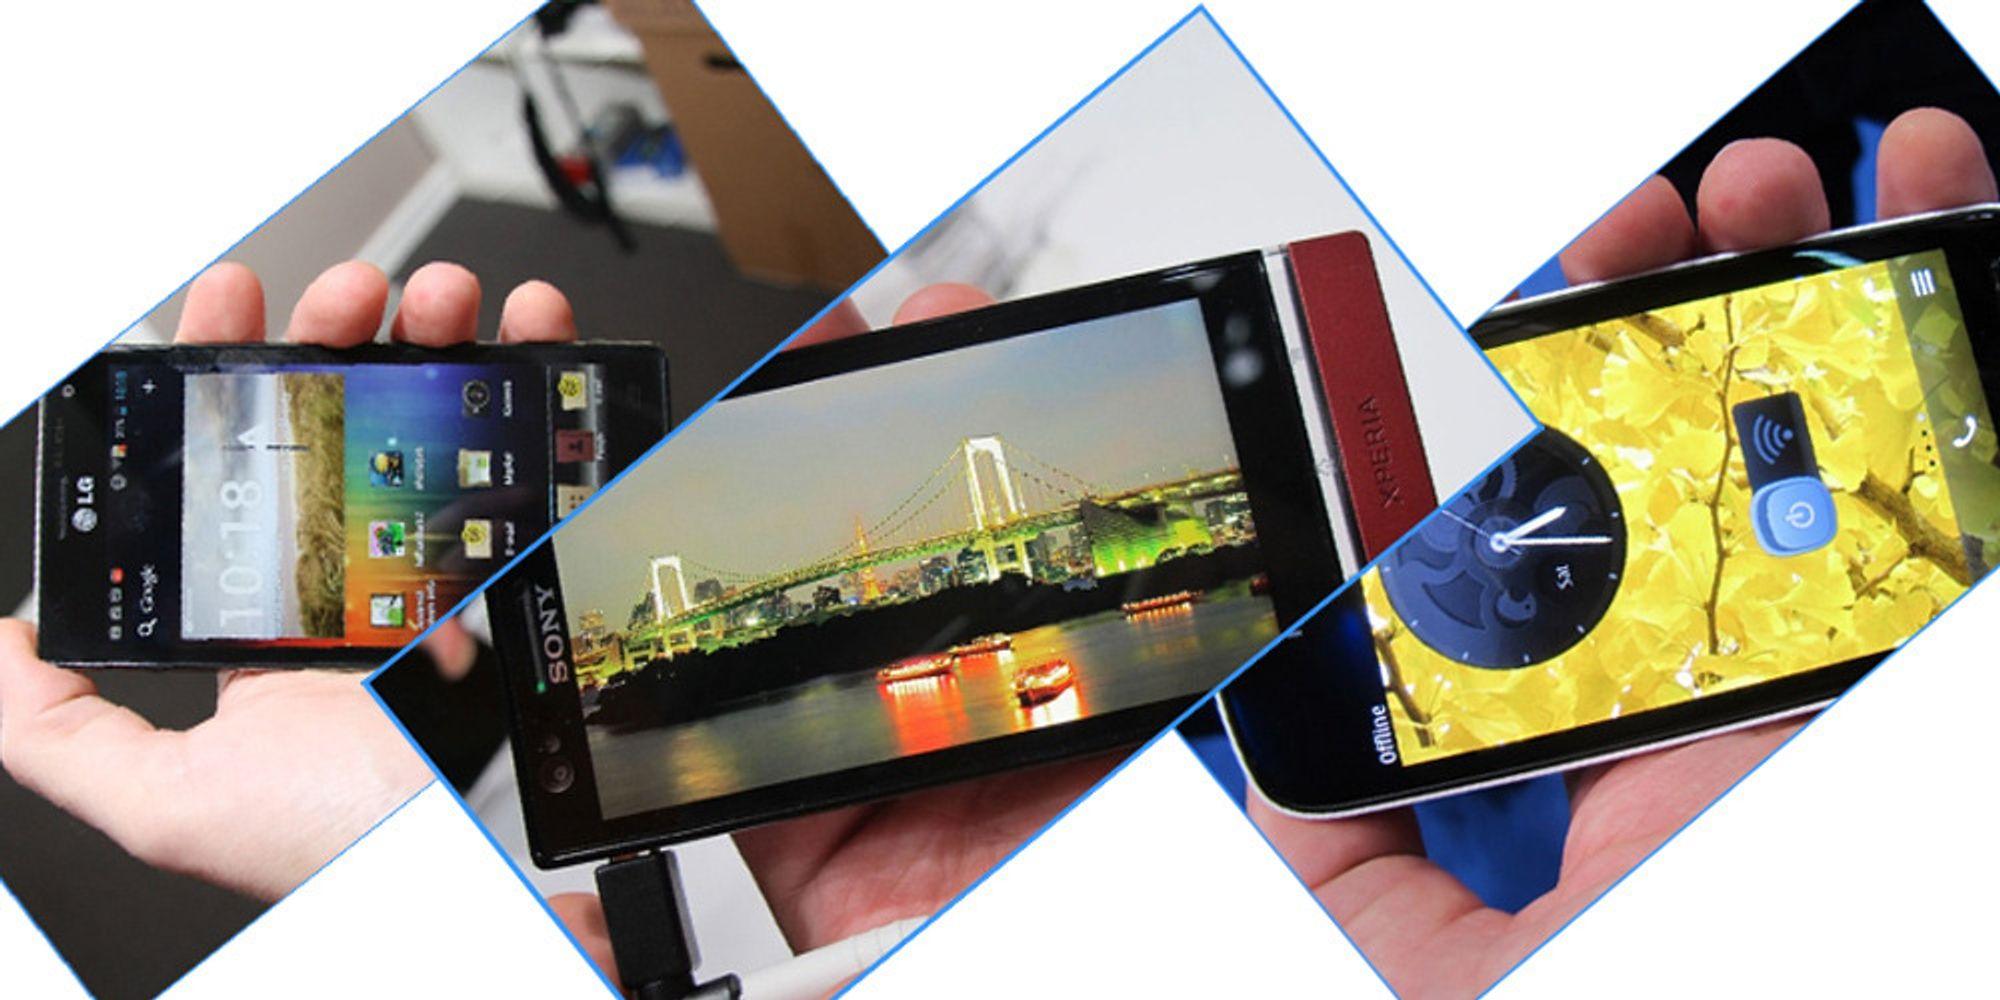 Fire grunner til å vente med mobilkjøpet